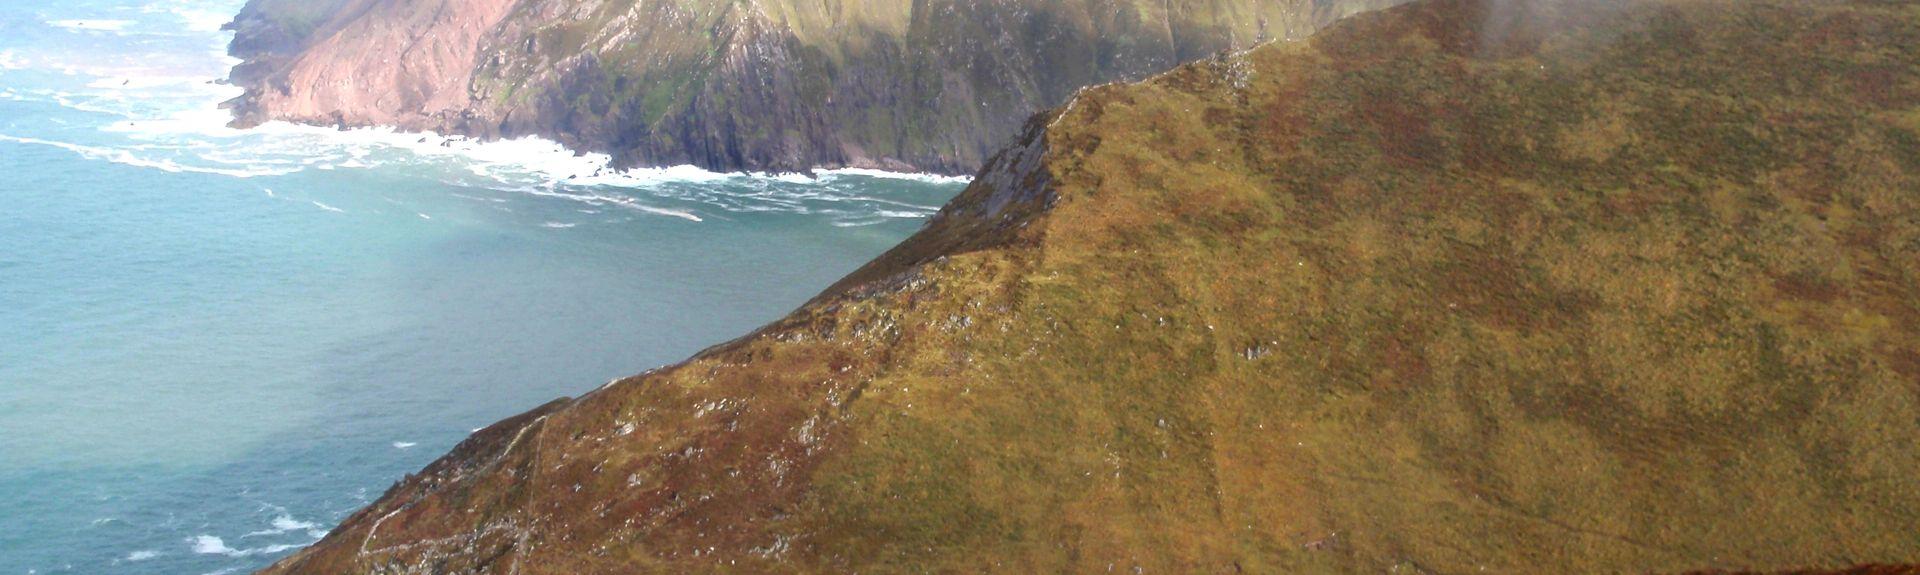 Tahilla, Co. Kerry, Ireland